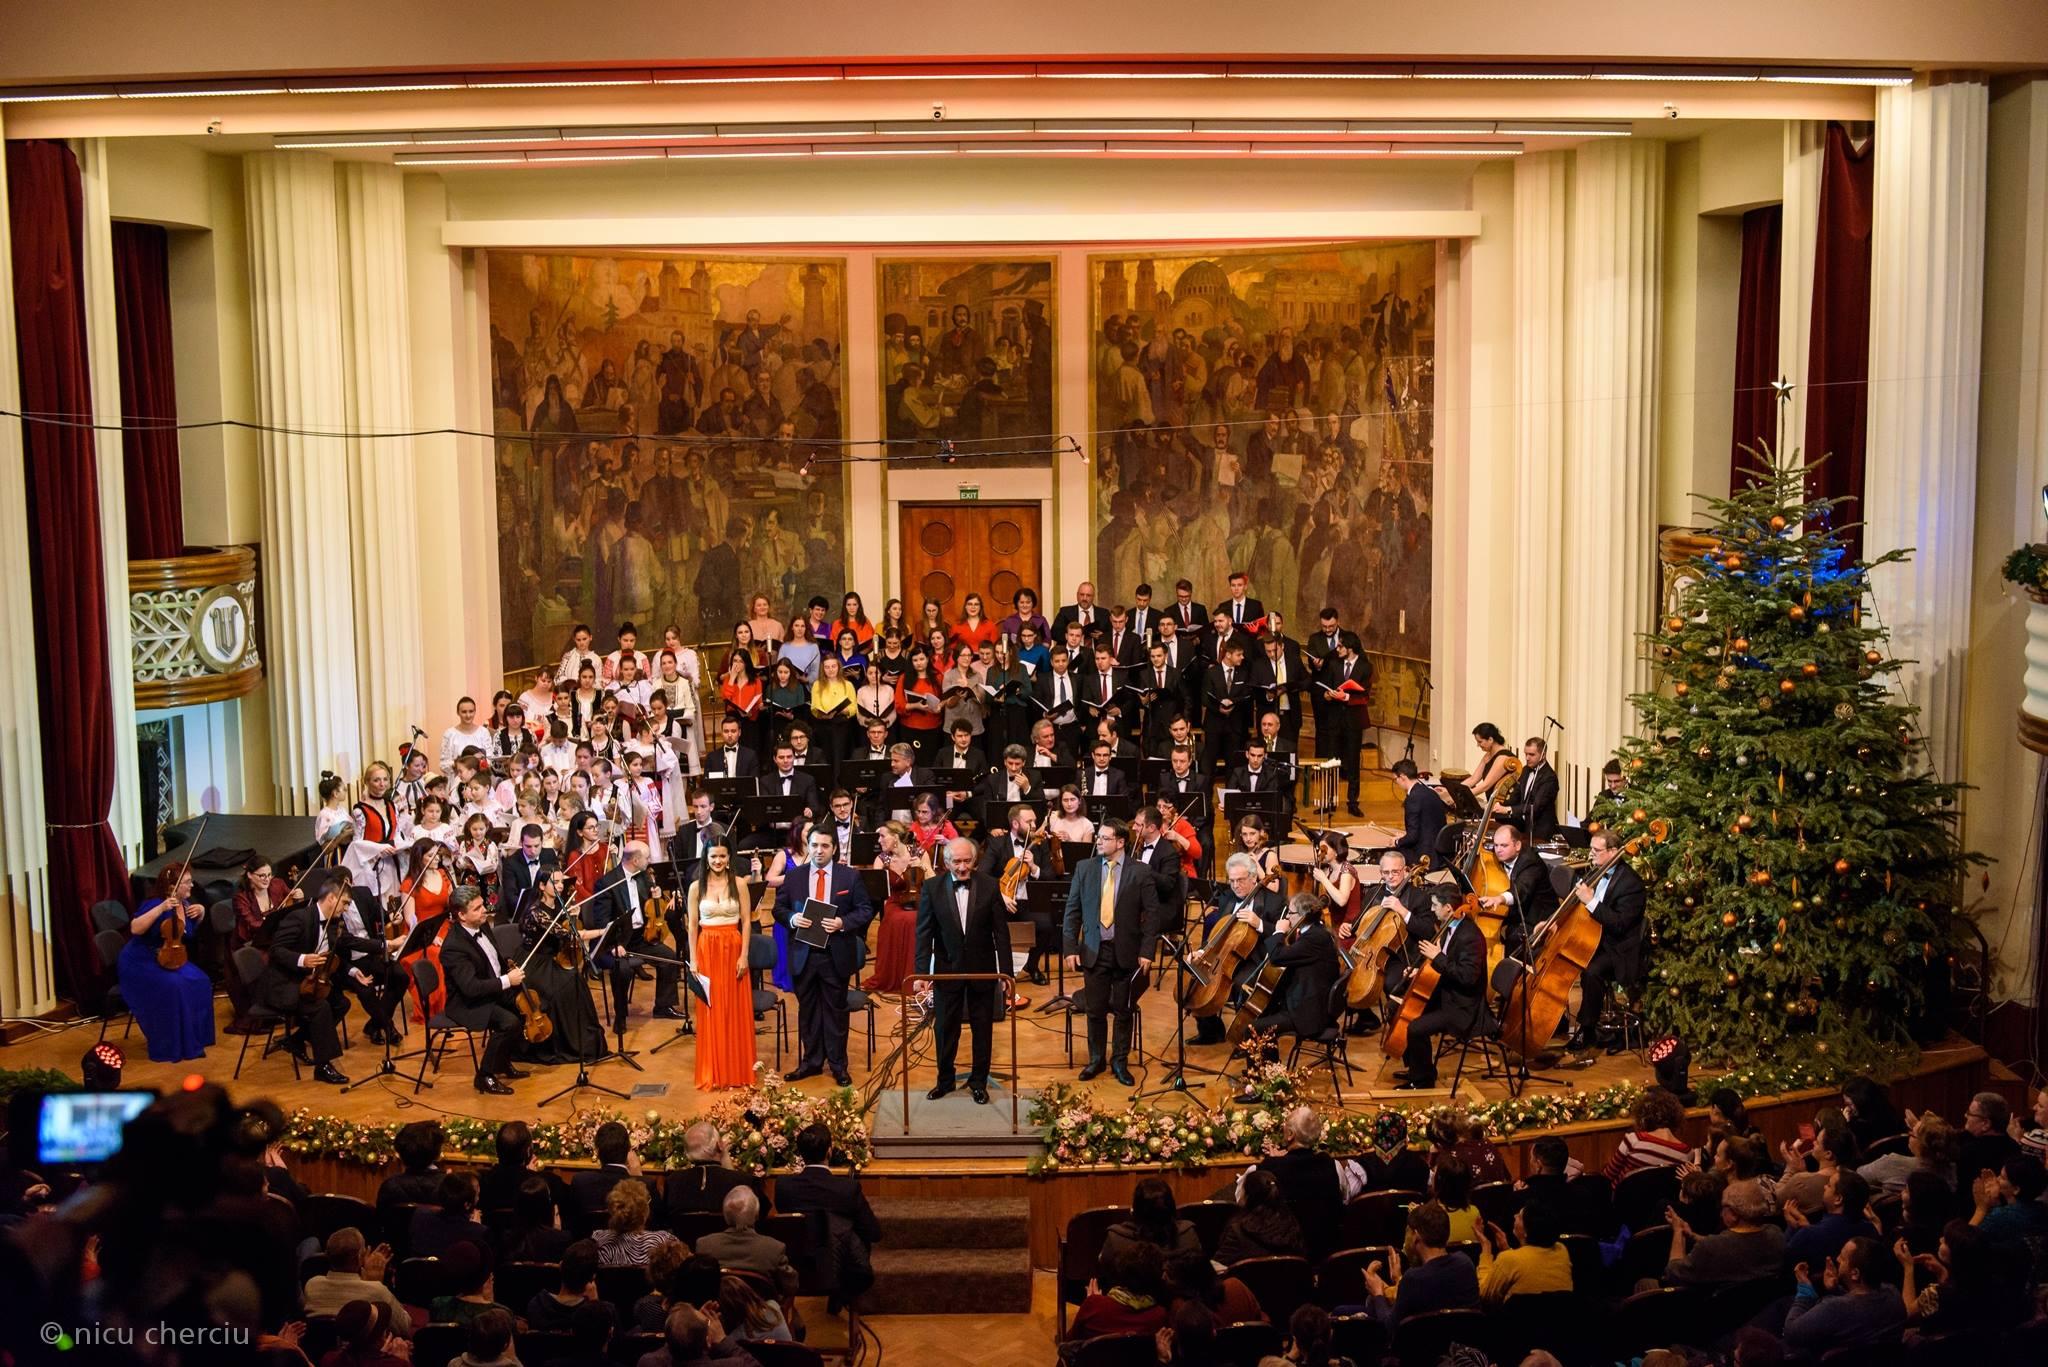 Interviu cu Cristian Bence-Muk și Cornel Groza despre Concertul caritabil de Colinde Românești